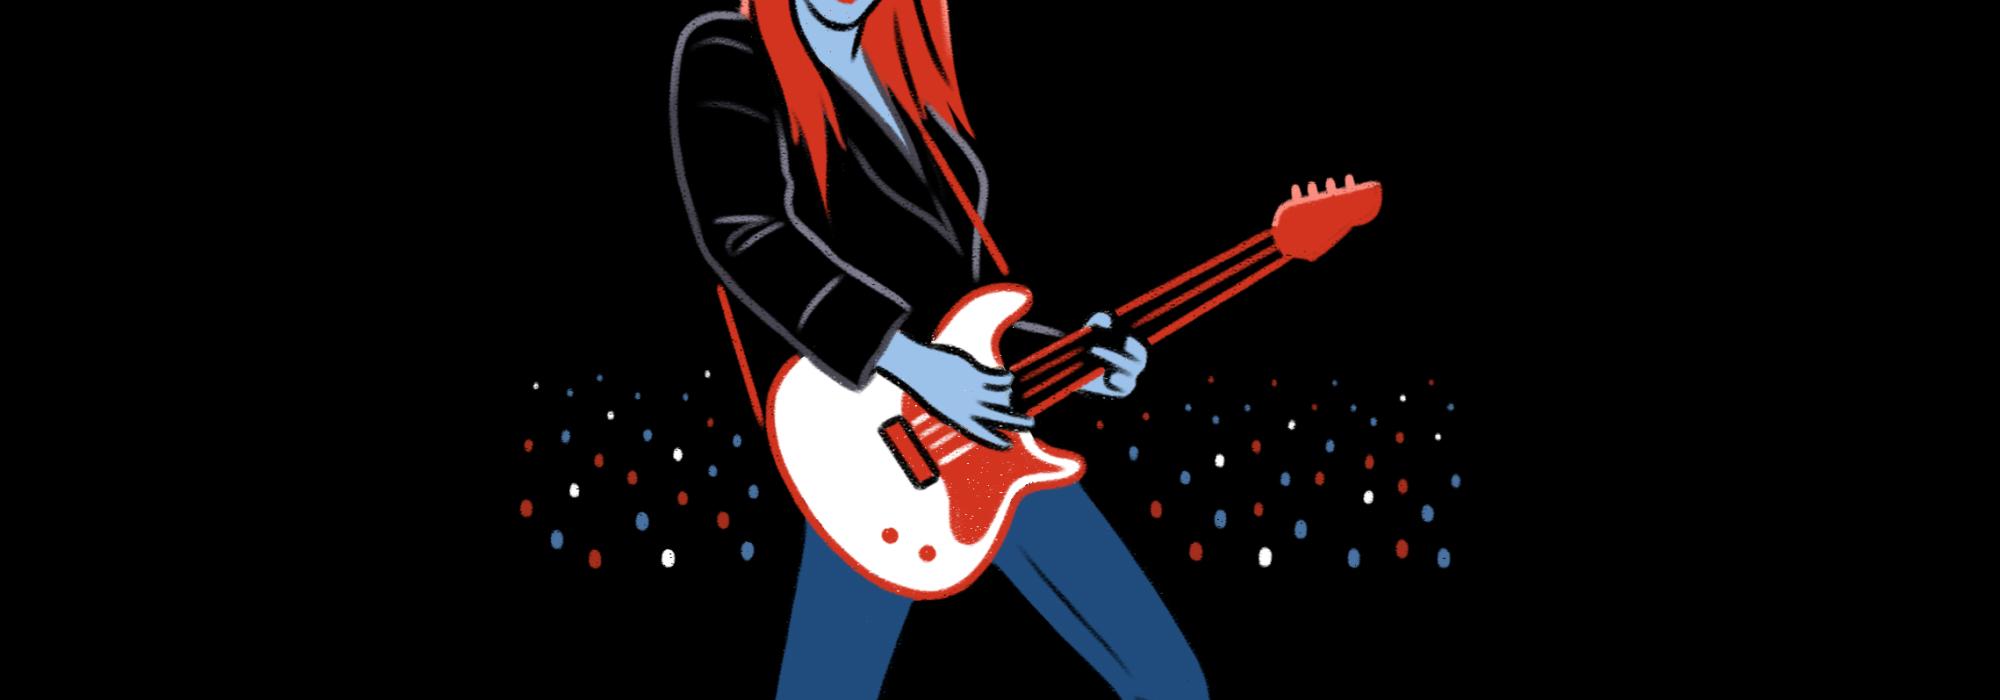 A Millyz live event